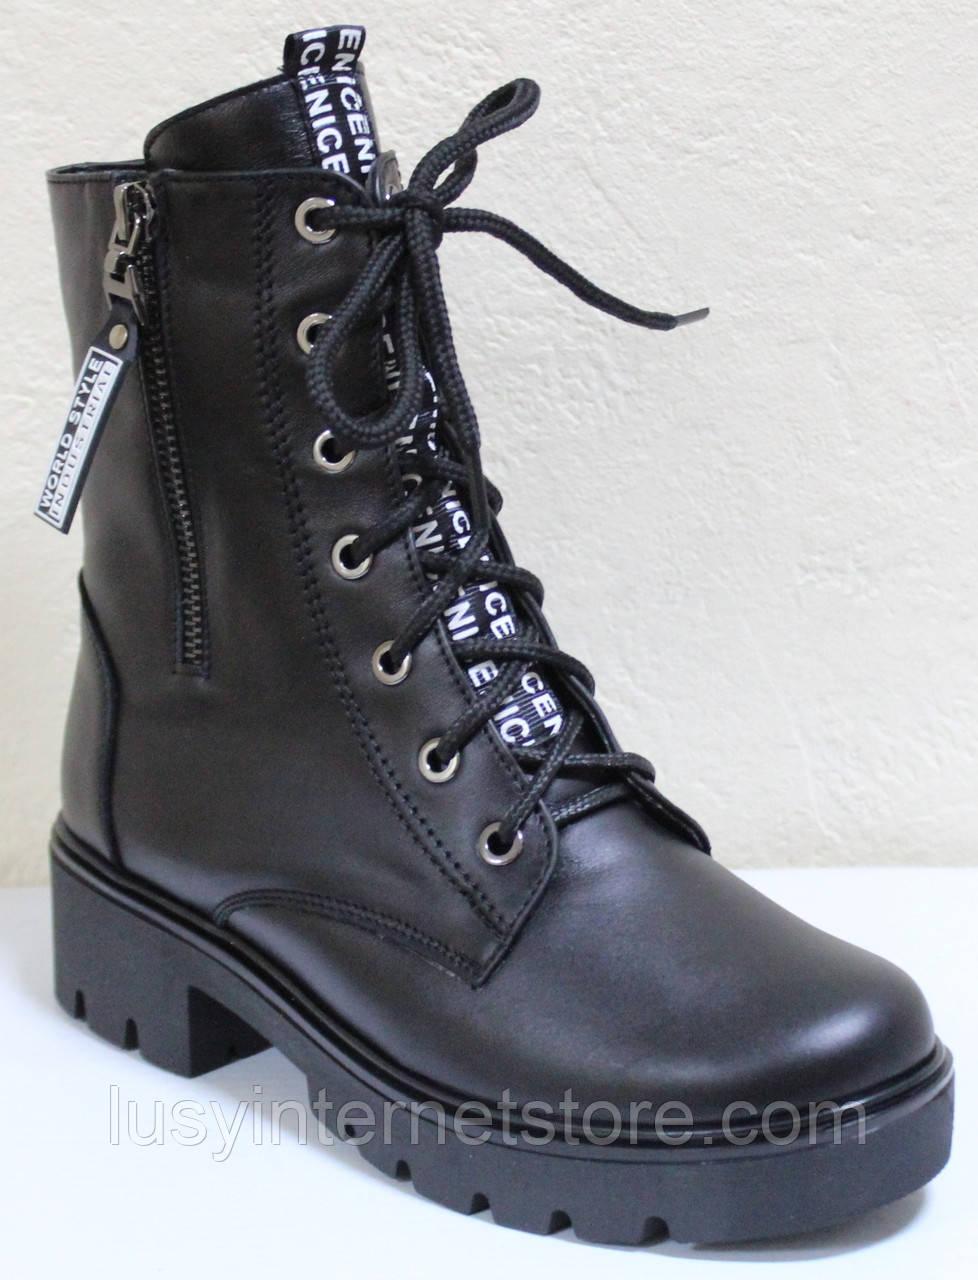 Ботинки высокие женские на байке кожаные от производителя модель БМ354Д